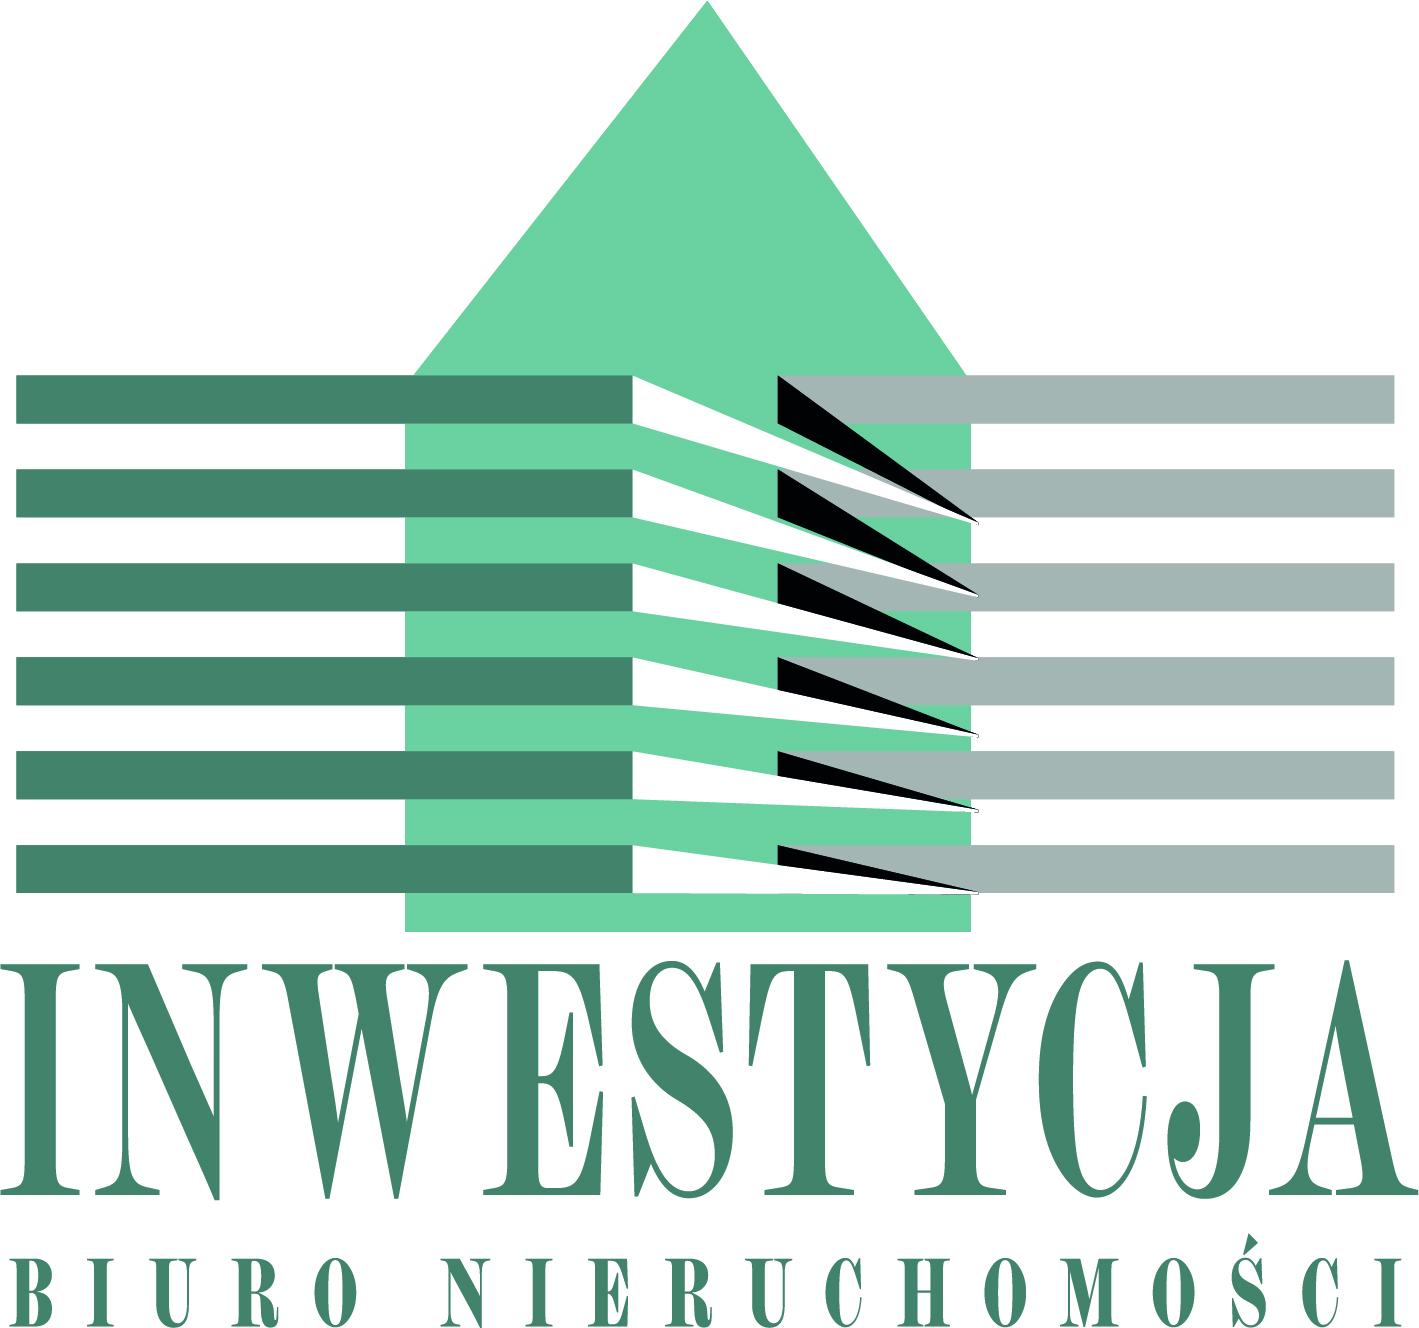 Logo INWESTYCJA BIURO NIERUCHOMOŚCI